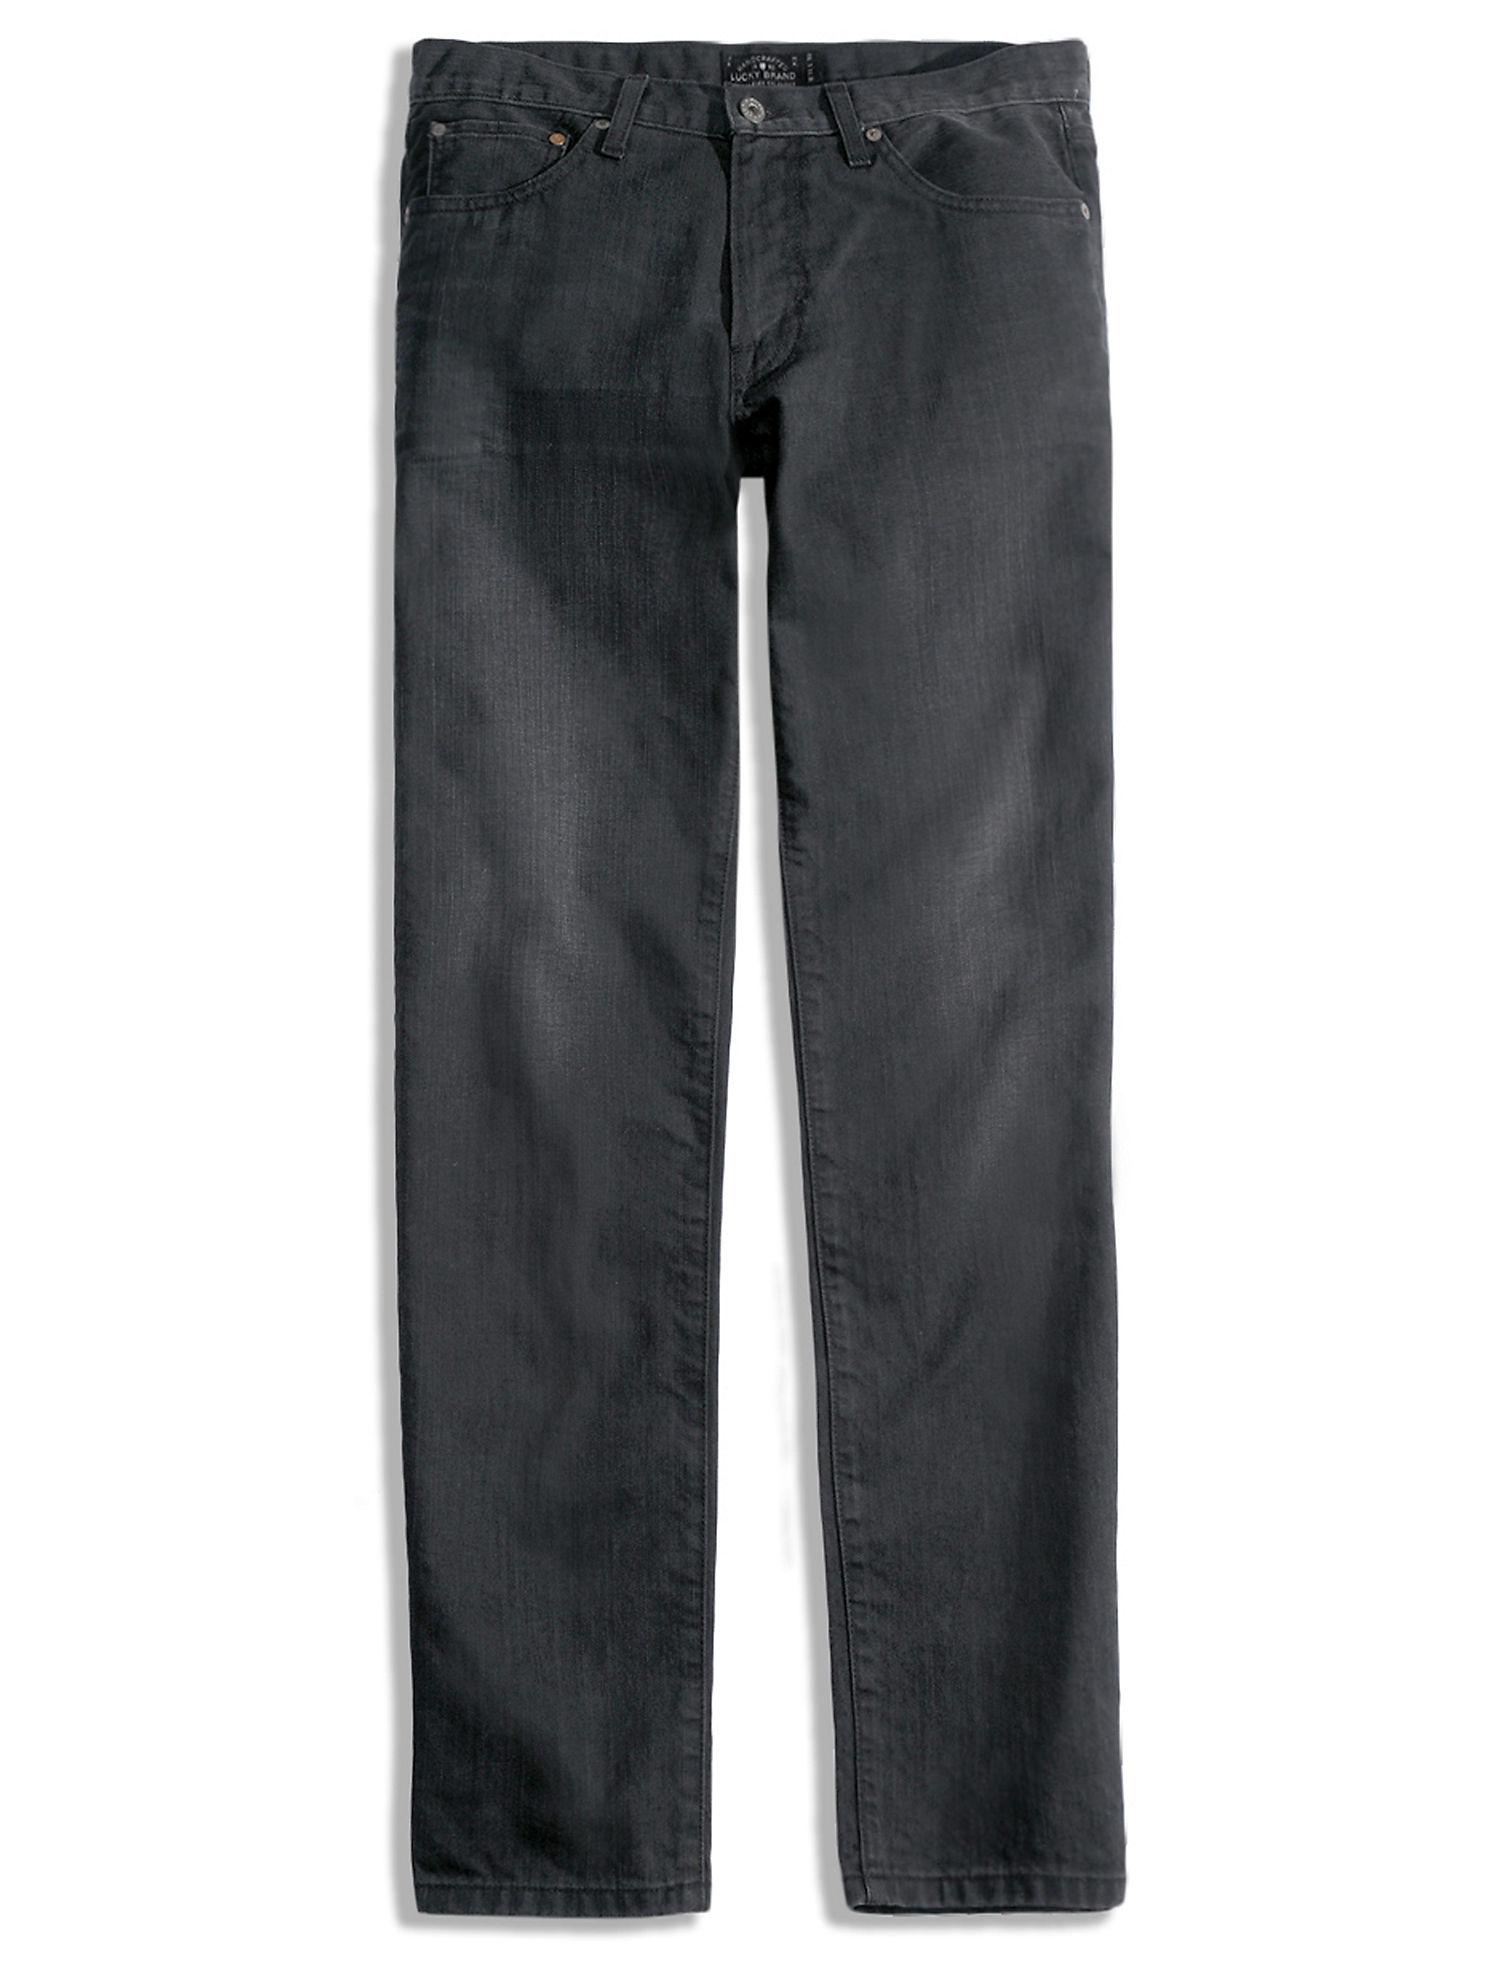 Black Straight Leg Jeans for Men on Sale | Lucky Brand